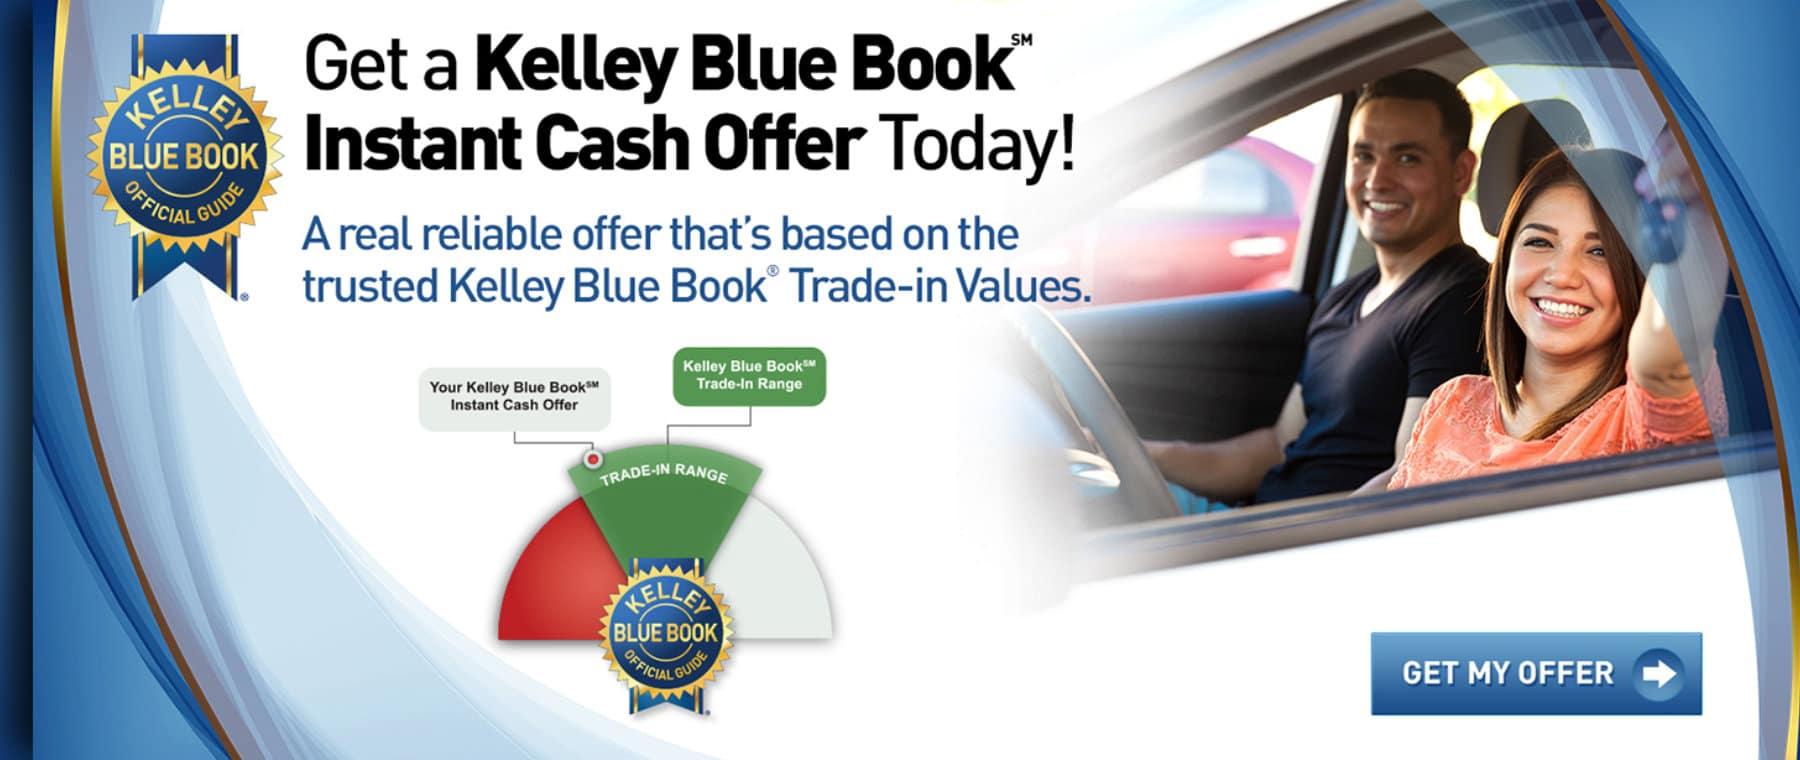 KBB Instant Cash Offer banner